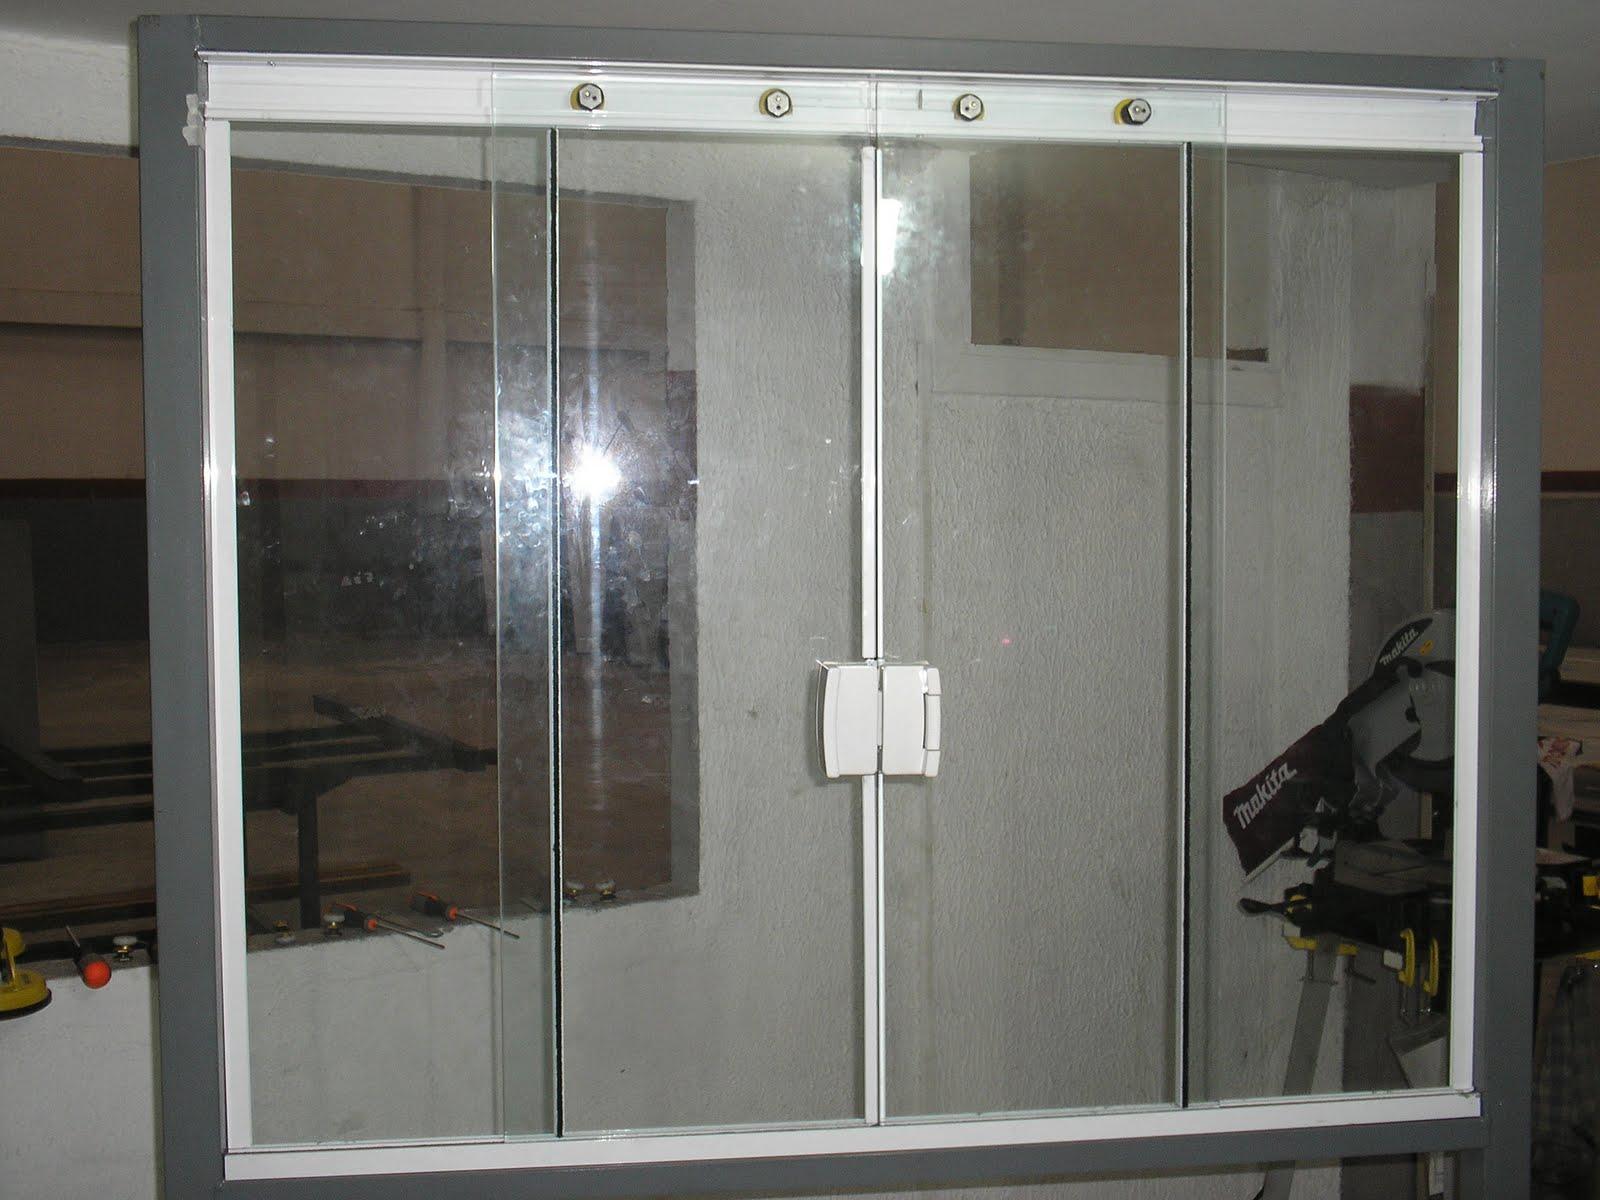 #5A4F42 Design Aluminium: Janela 4 folhas vidro temperado 1274 Preço De Janela De Aluminio 4 Folhas